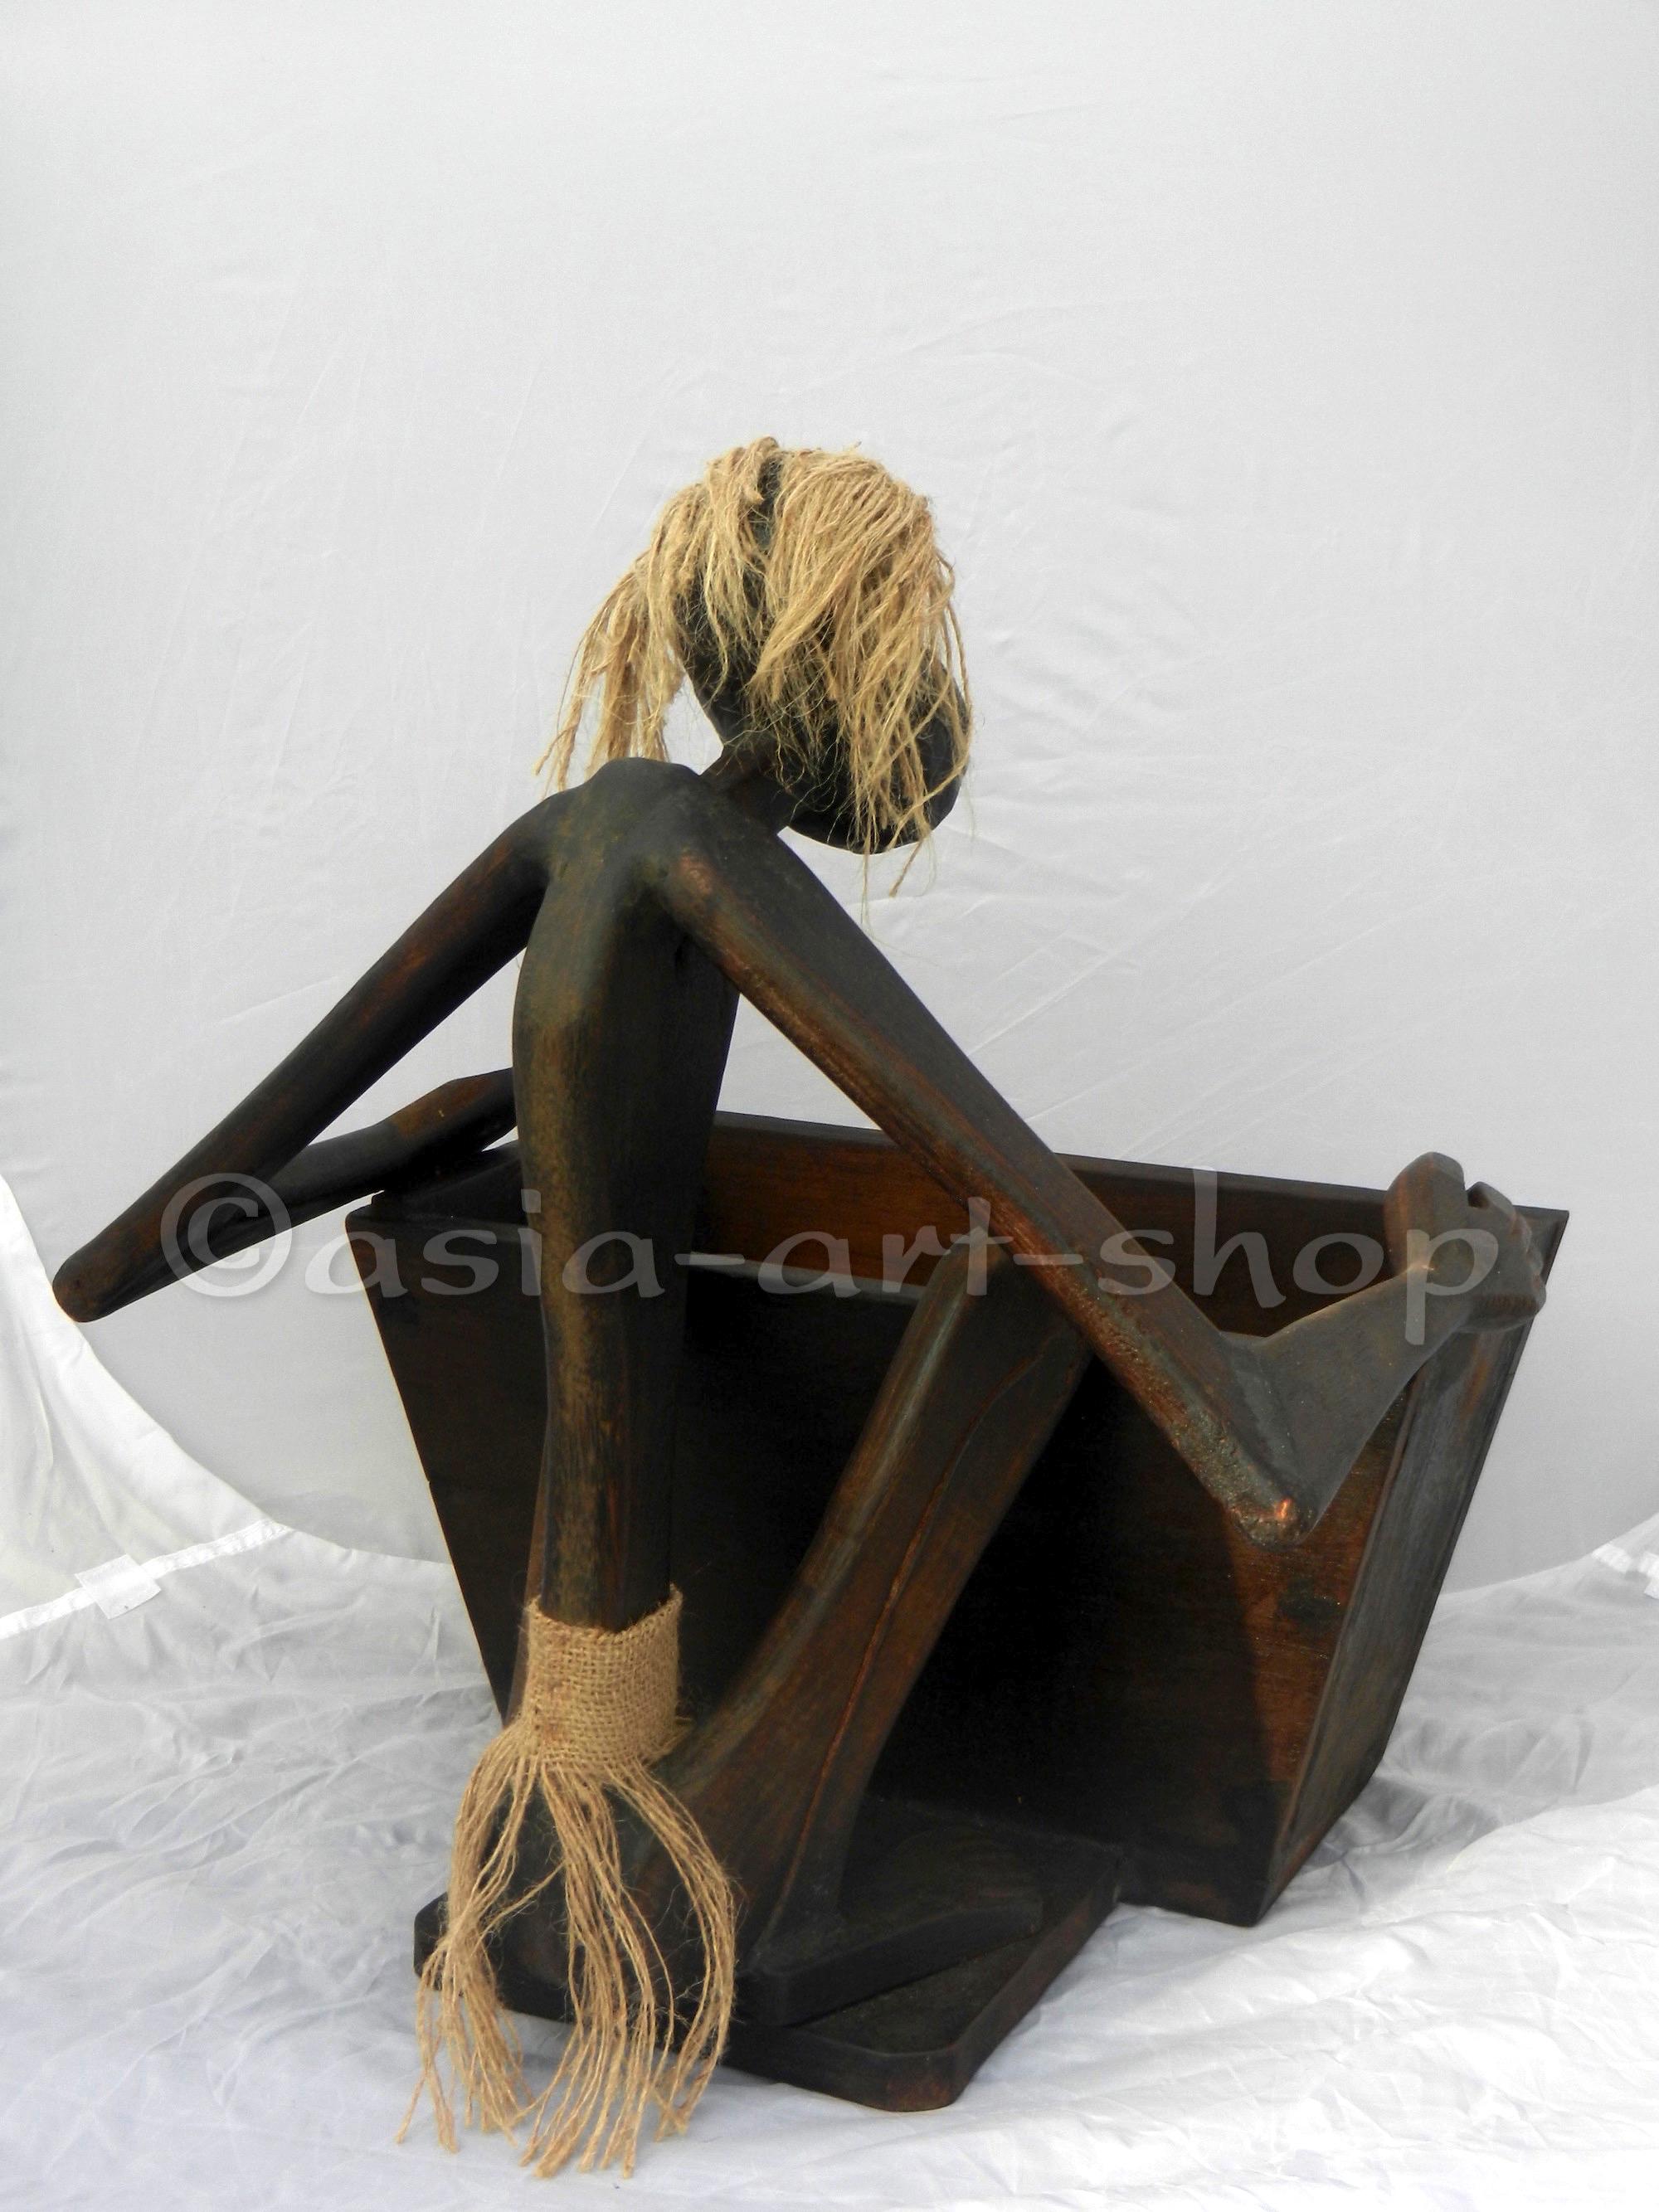 schutzgeist mit box zeitschriftenhalter asia art shop. Black Bedroom Furniture Sets. Home Design Ideas